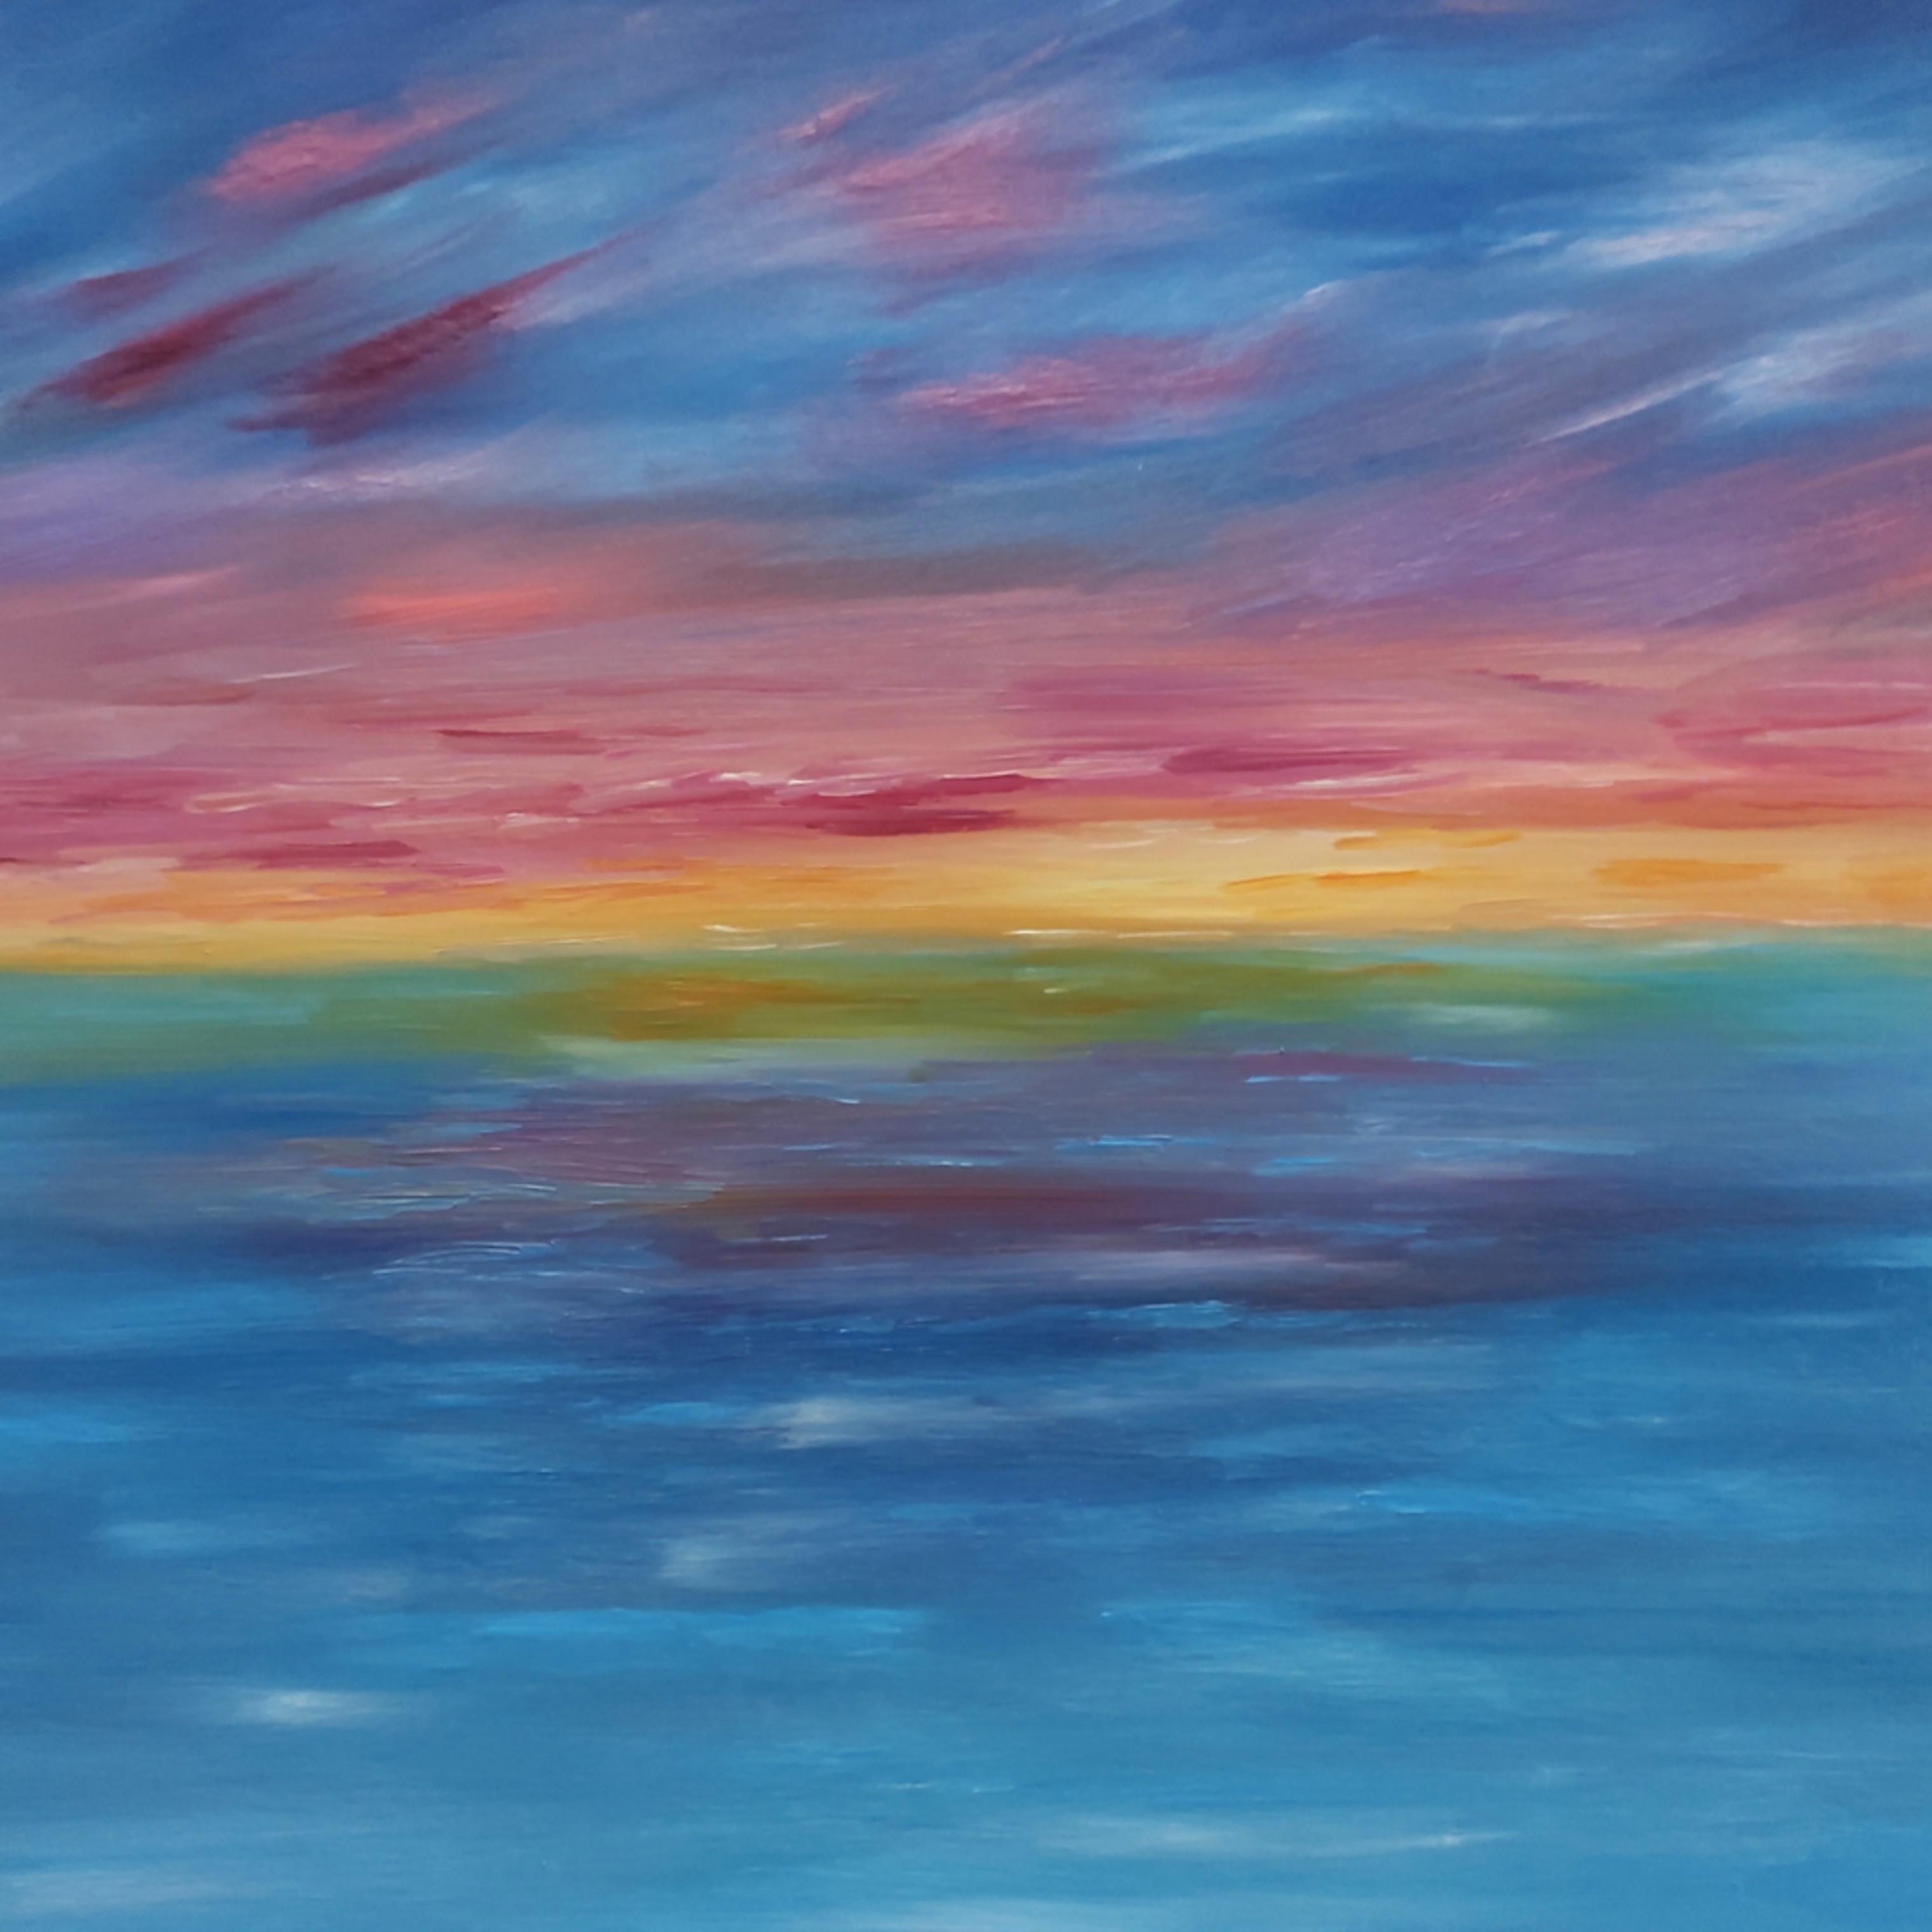 Aqua sunset inpixio pc4fkx